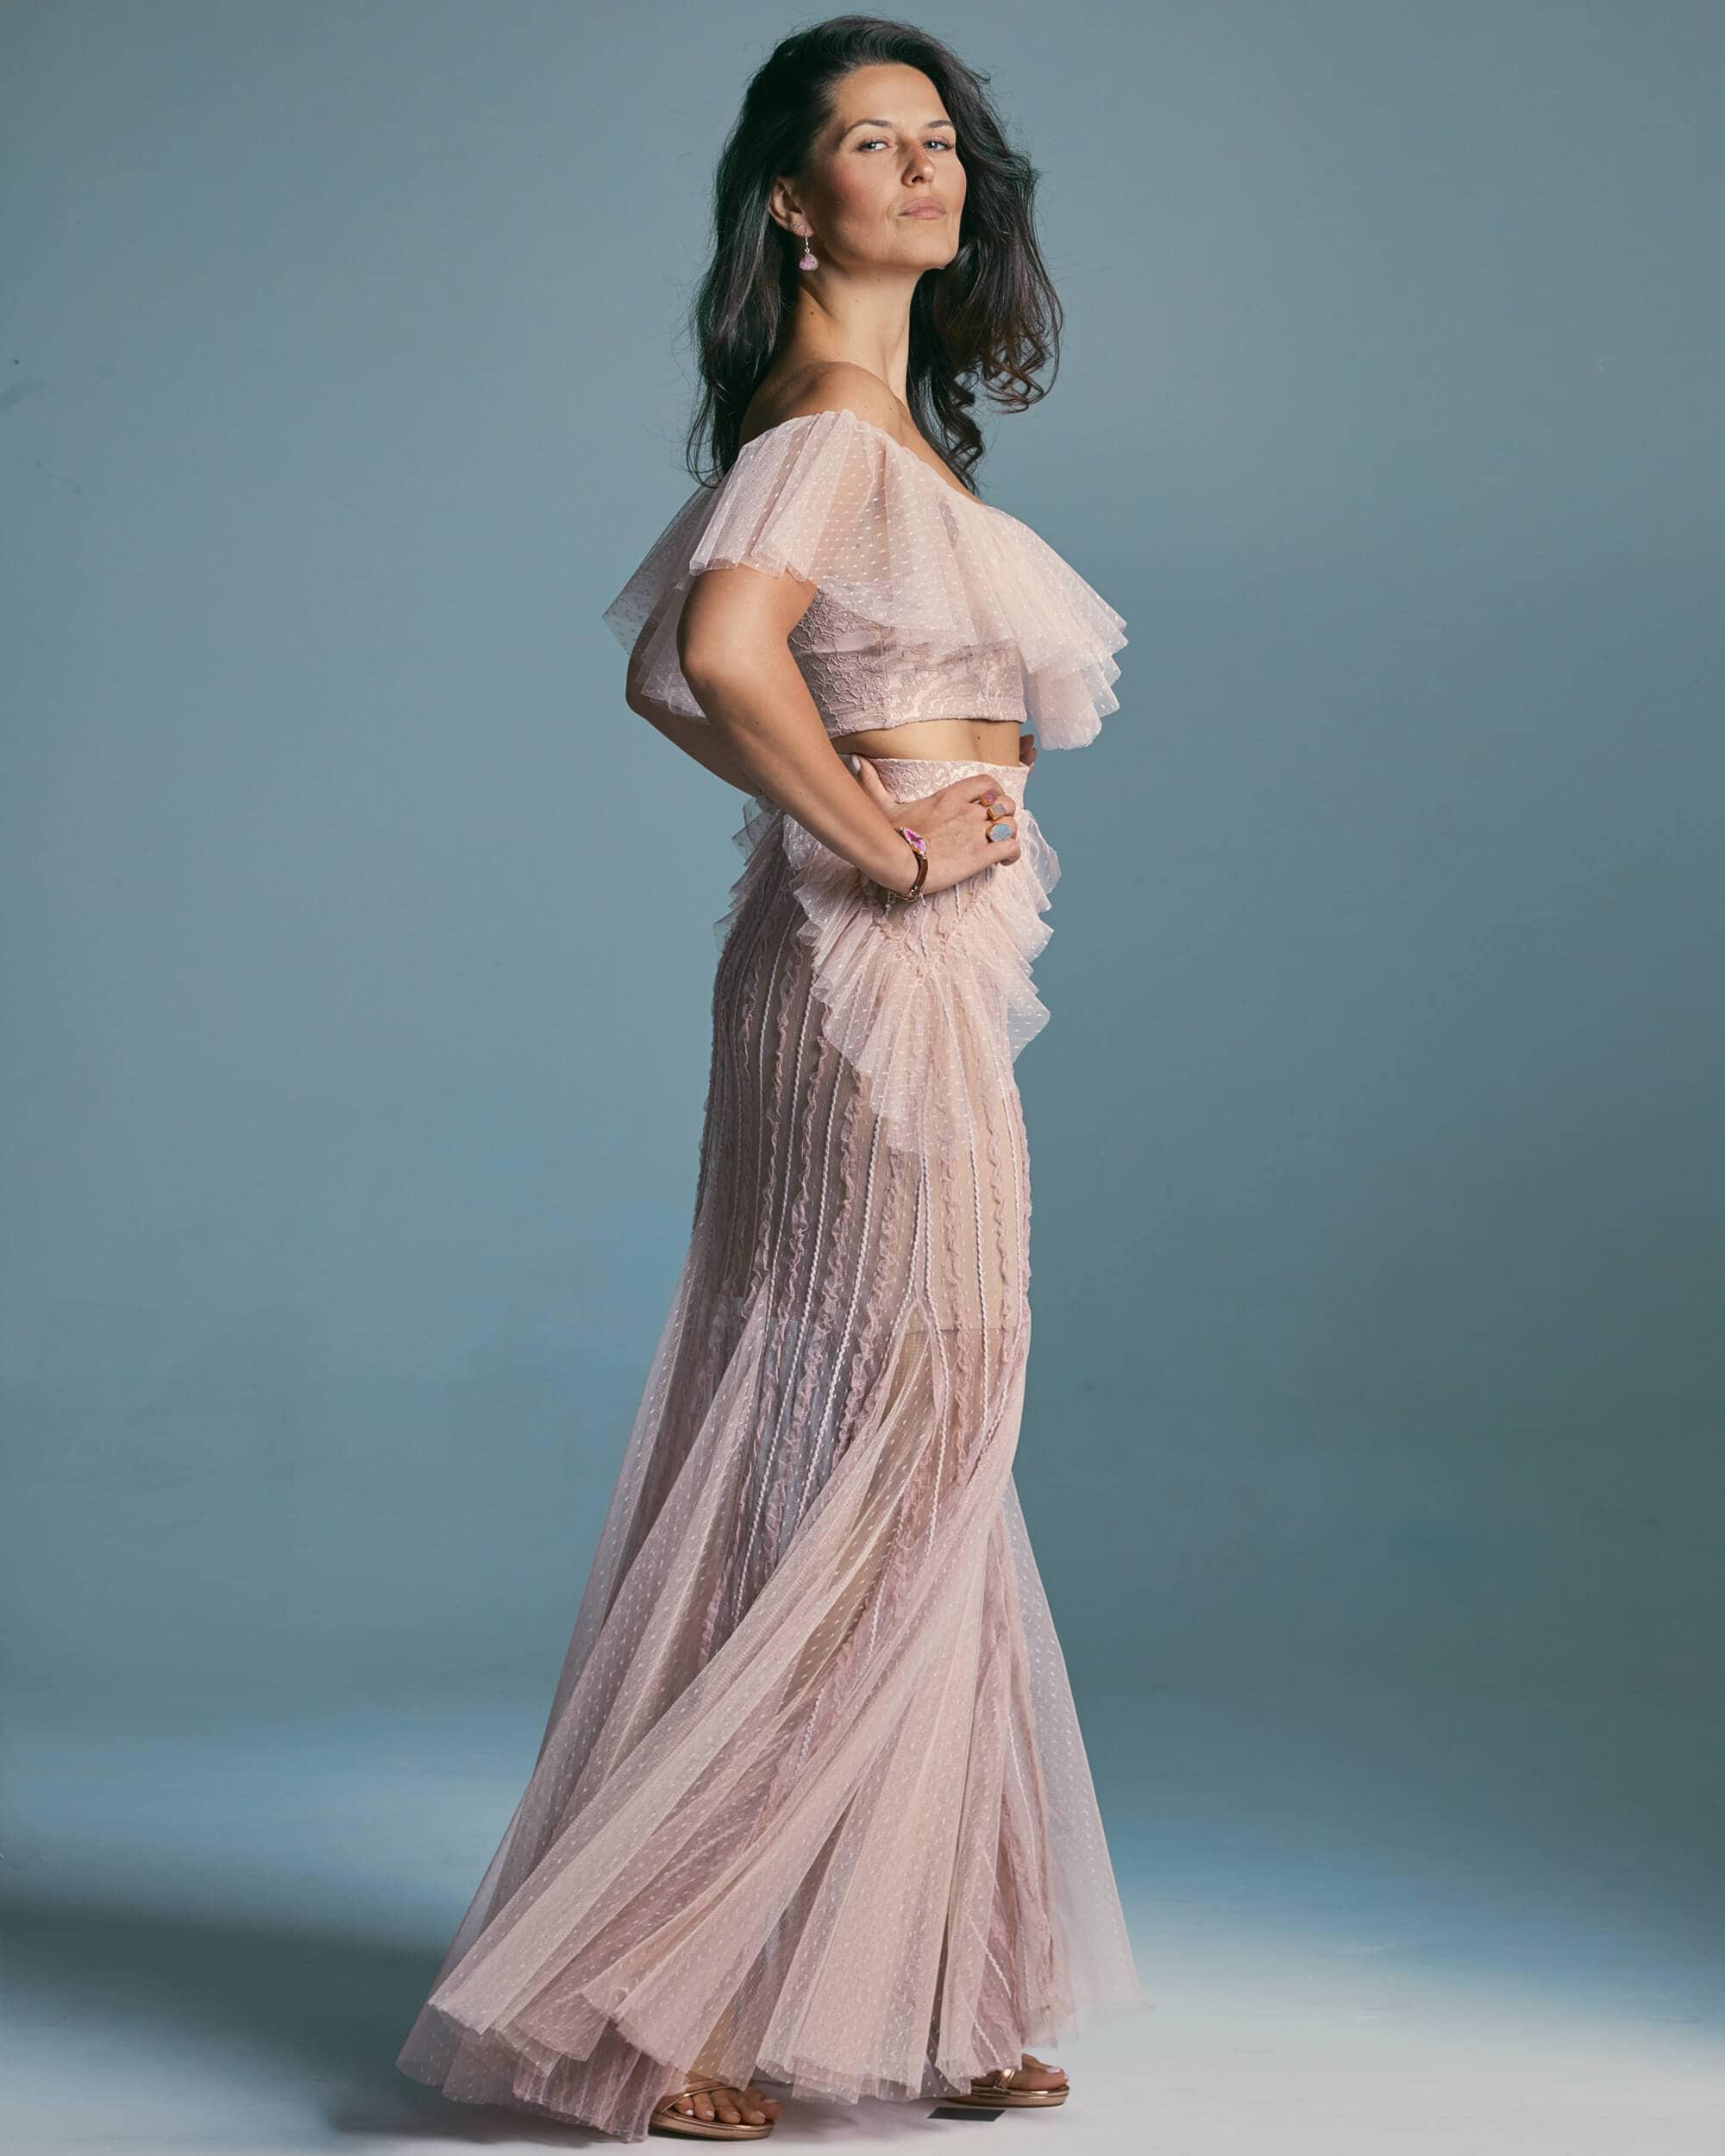 Suknia-ślubna-wydłużająca-nogi-ze-zdobionym-zakończeniem-dekoltu—Venezia-6-4